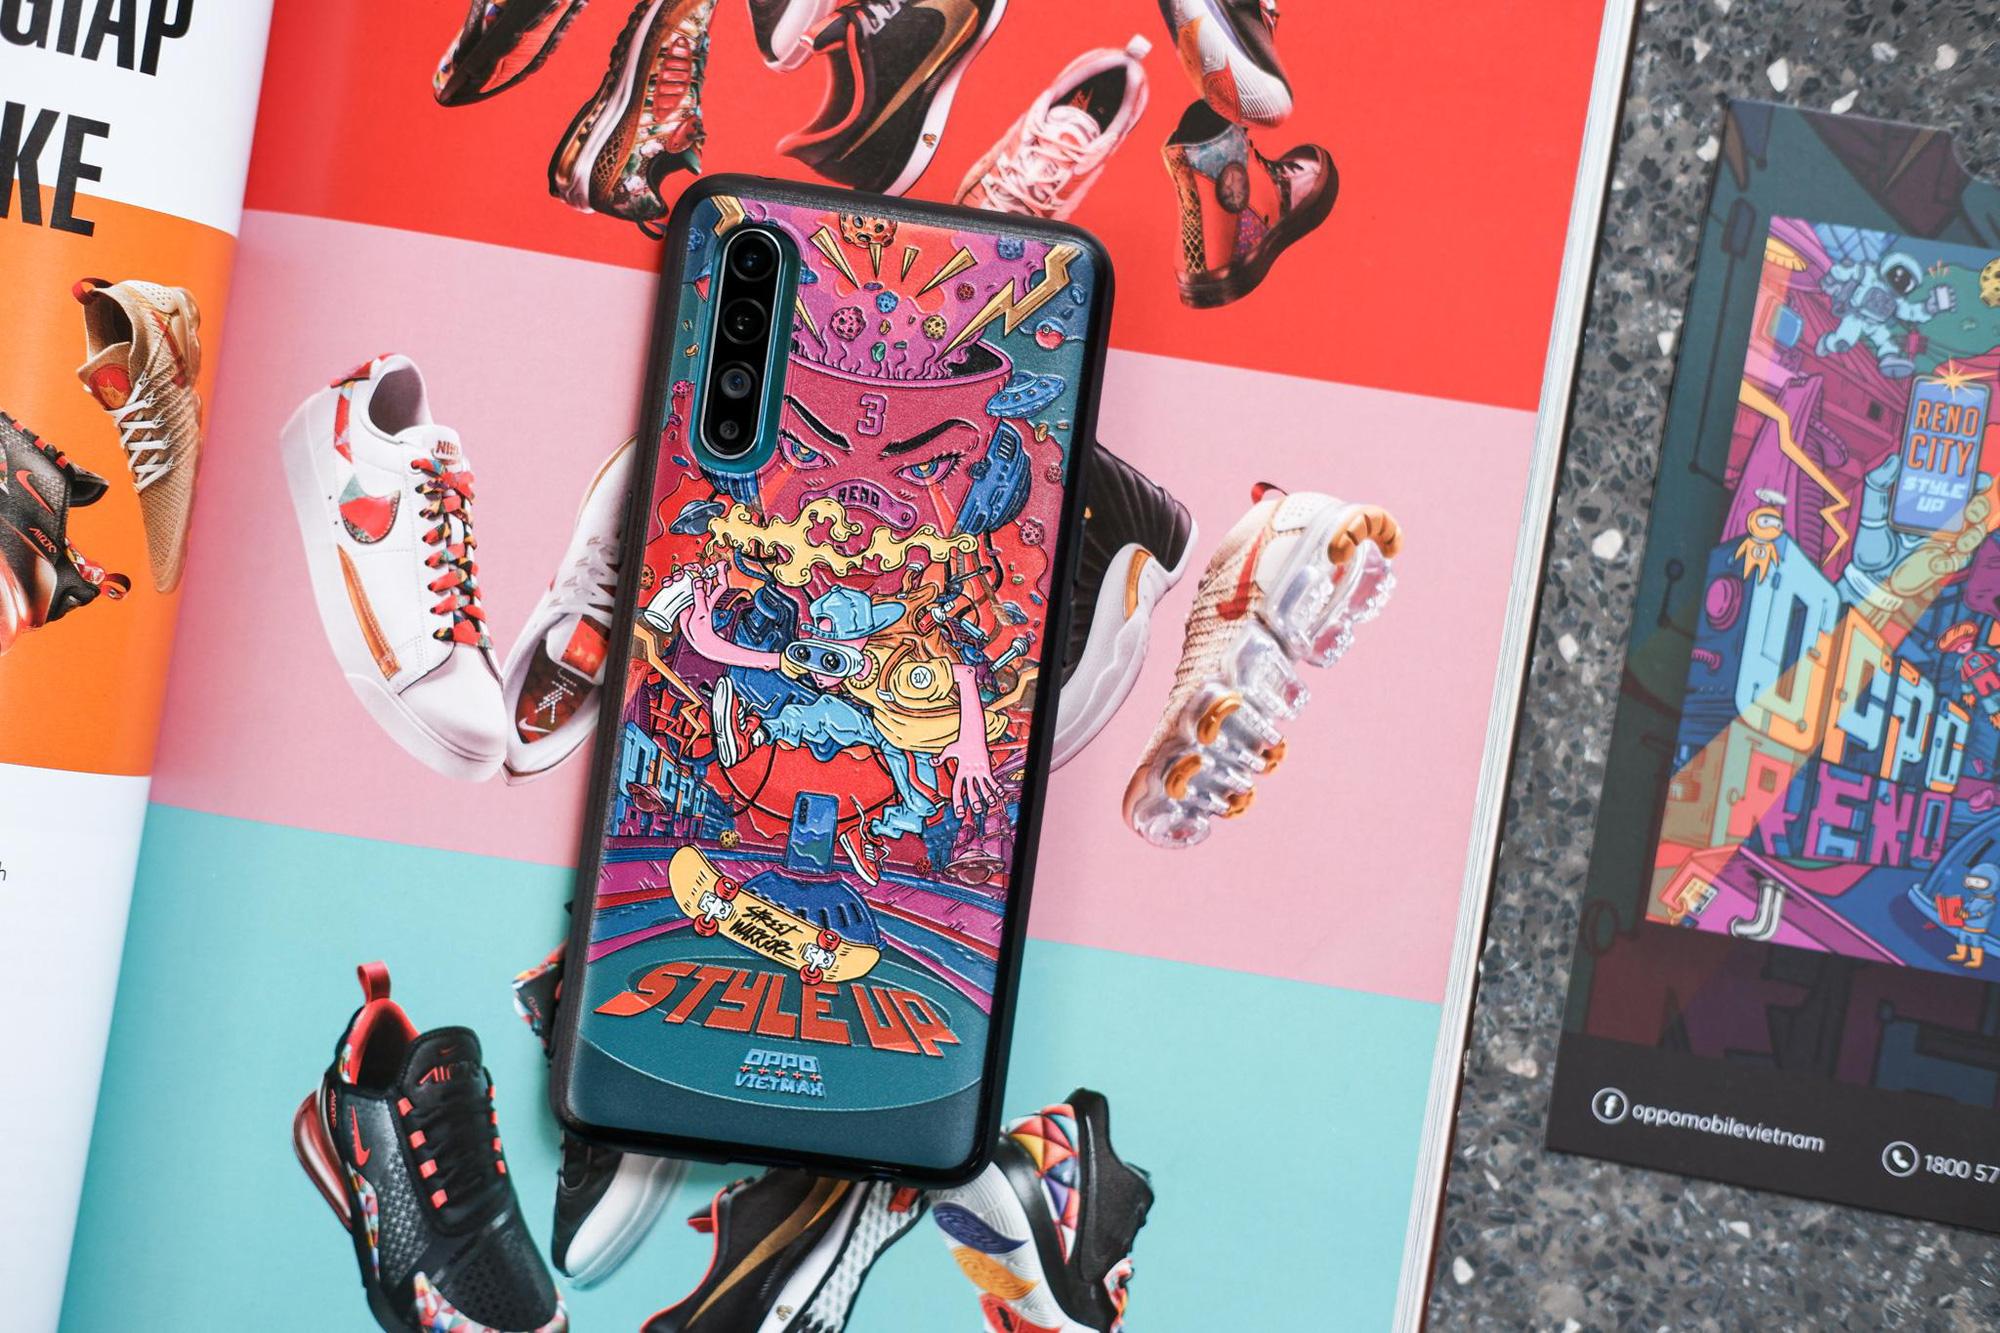 Reno3 là chiếc smartphone đặc biệt, vì người dùng lại được sở hữu nhiều ốp lưng độc lạ đi kèm - Ảnh 7.